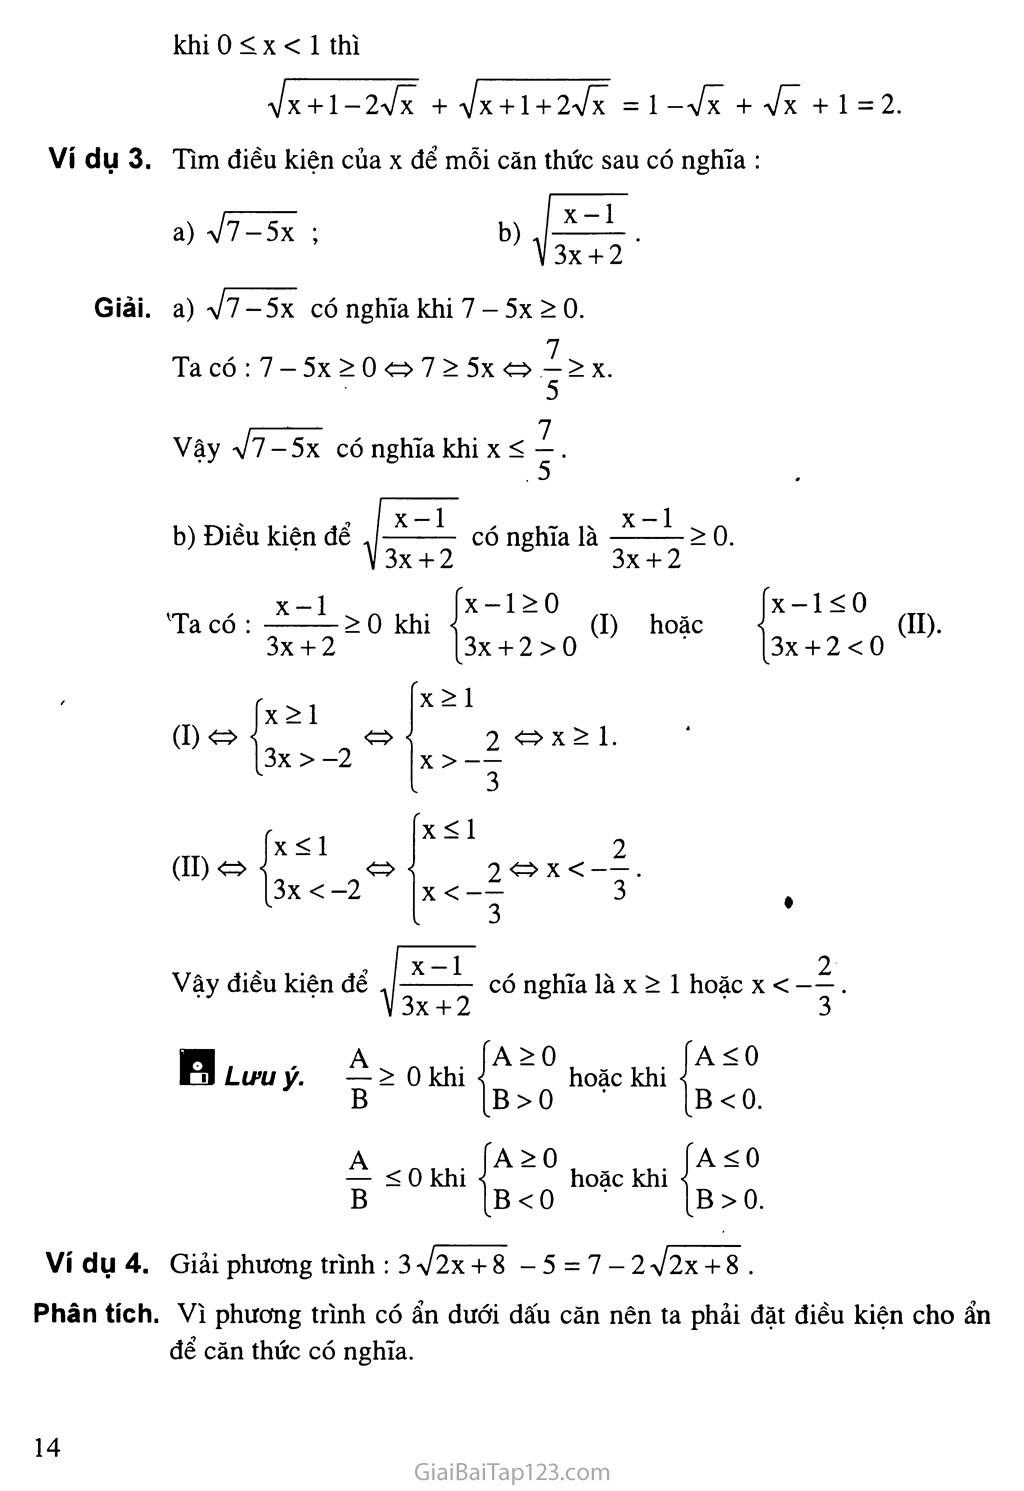 Bài 2. Căn thức bậc hai và hằng đẳng thức trang 3